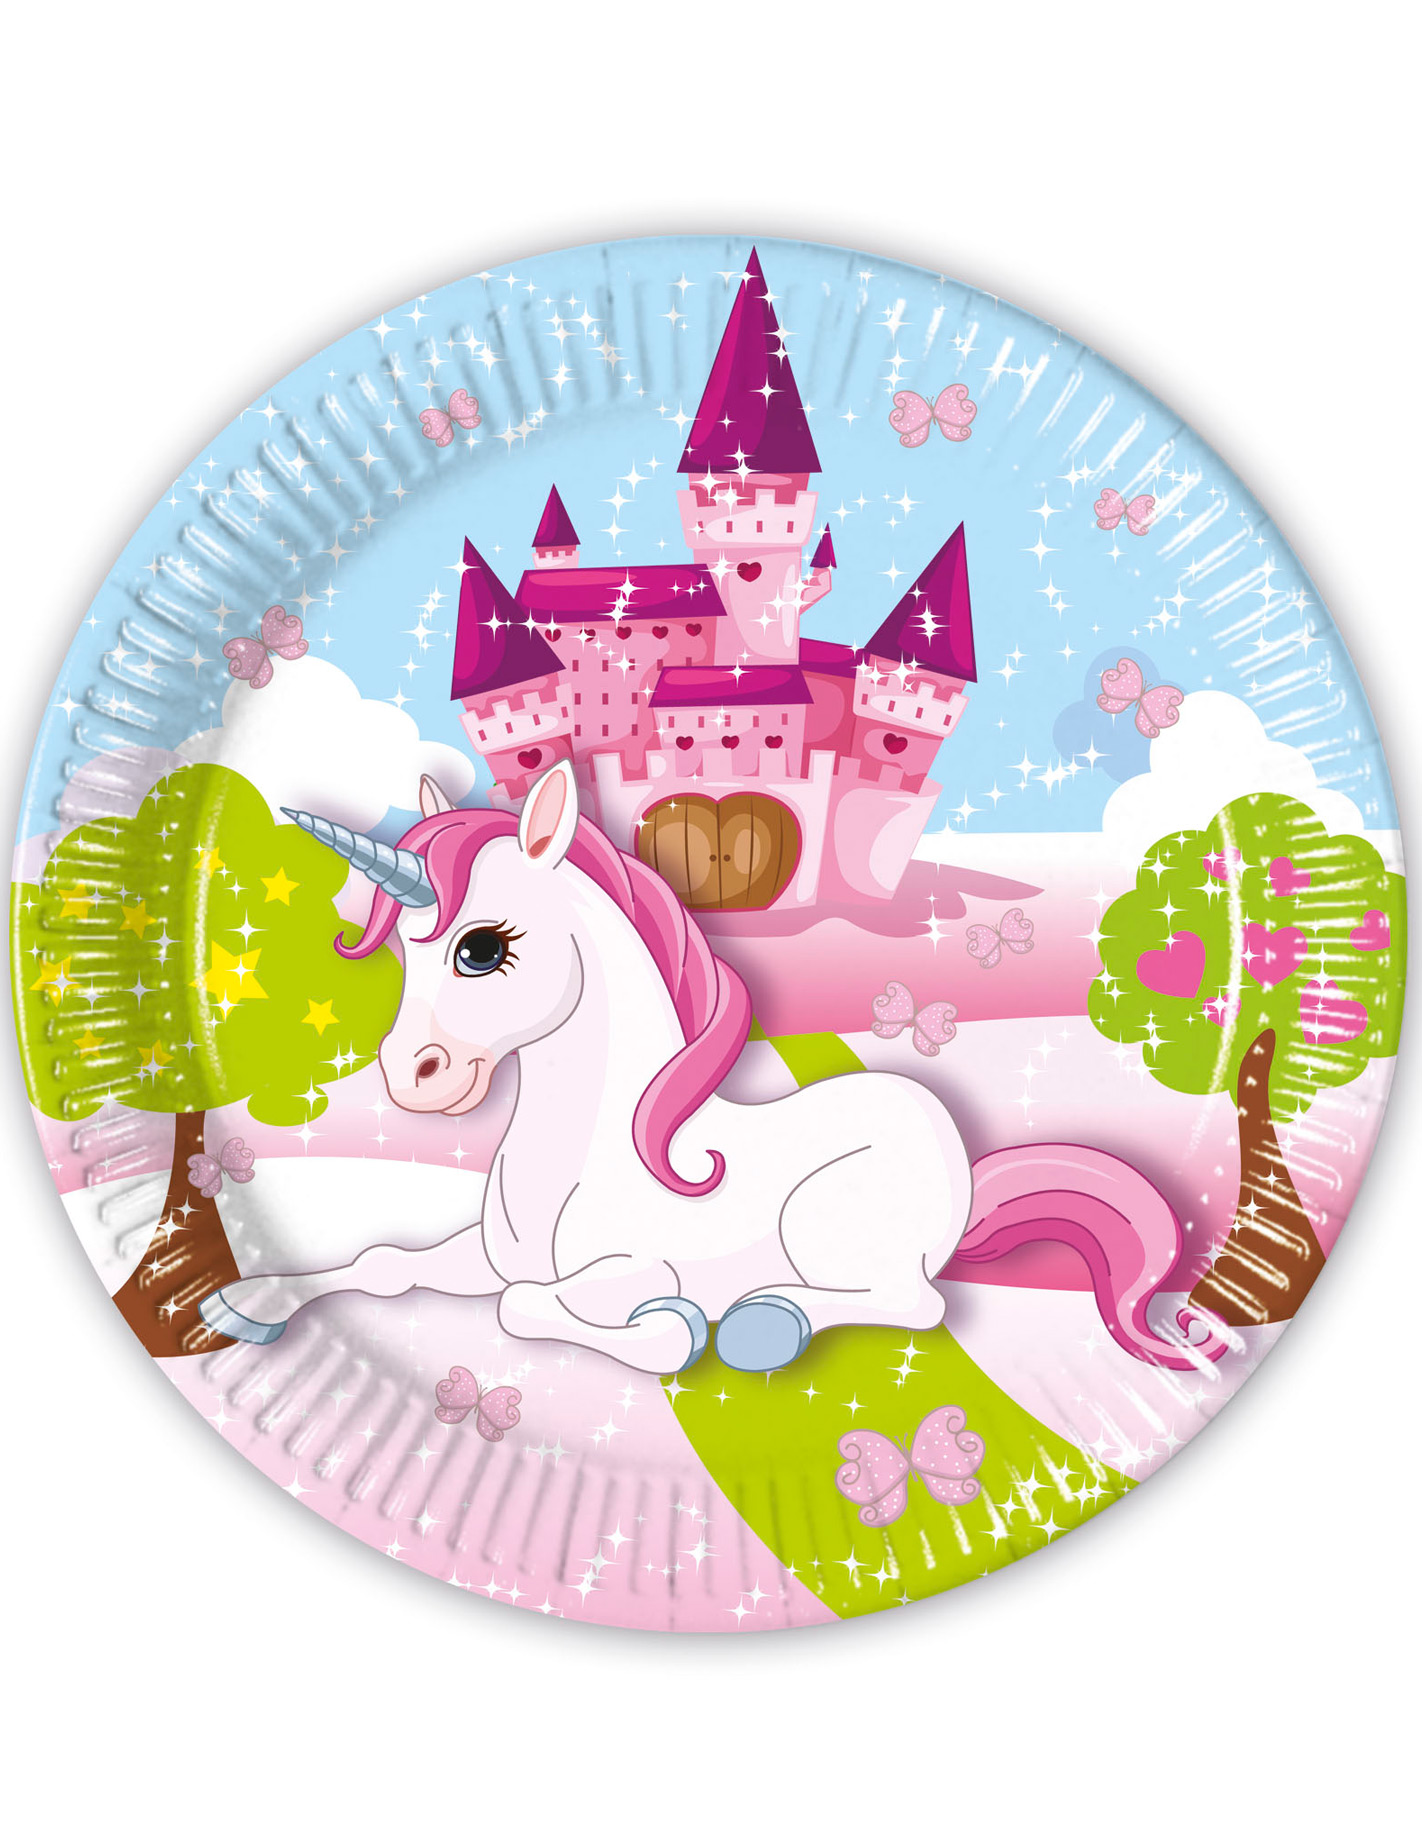 8 assiettes en carton licorne 23 cm d coration for Tavolo unicorno